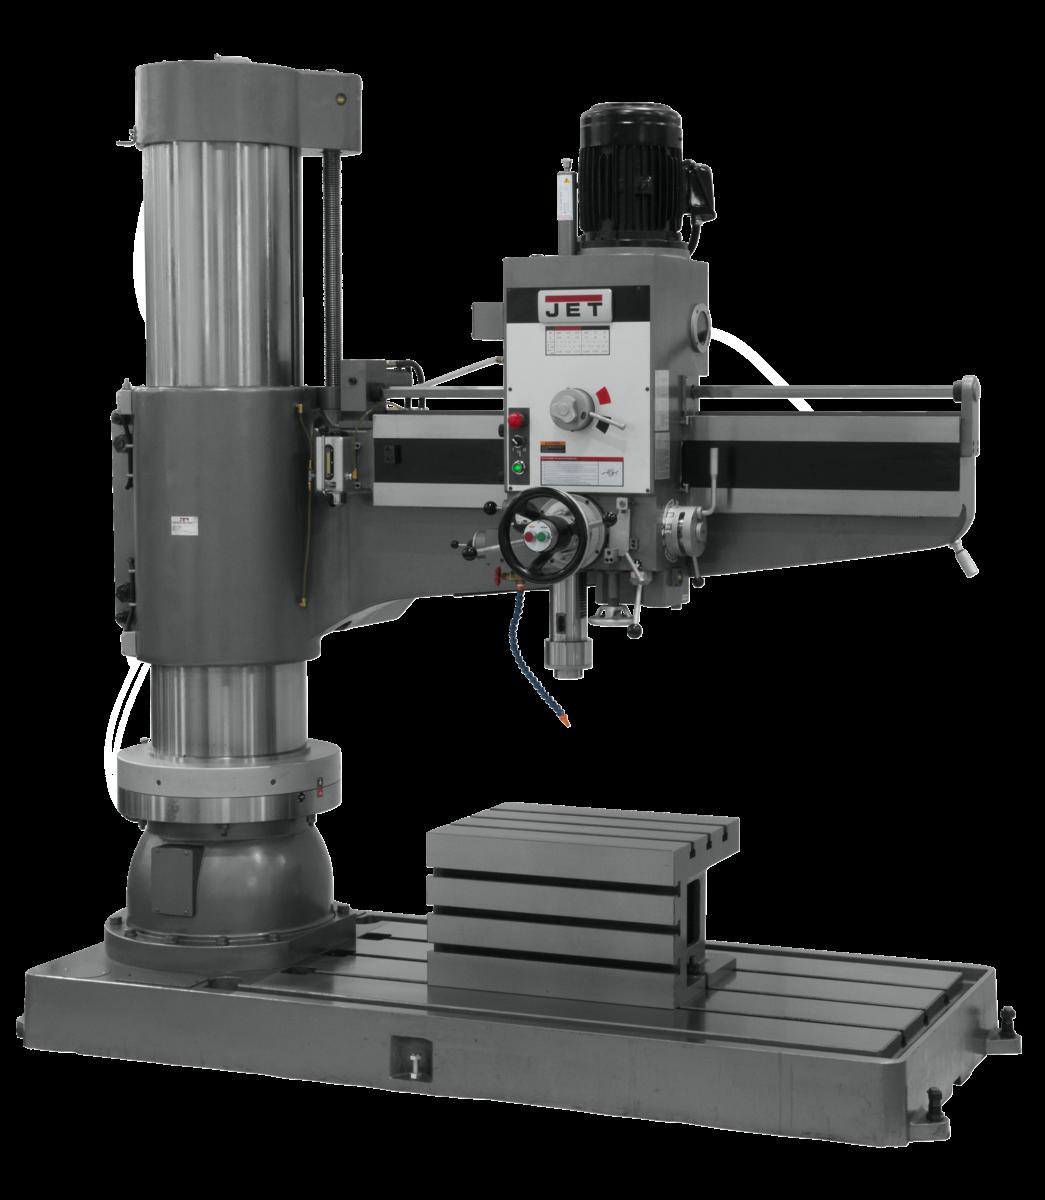 J-1600R, 5' Arm Radial Drill Press 230V